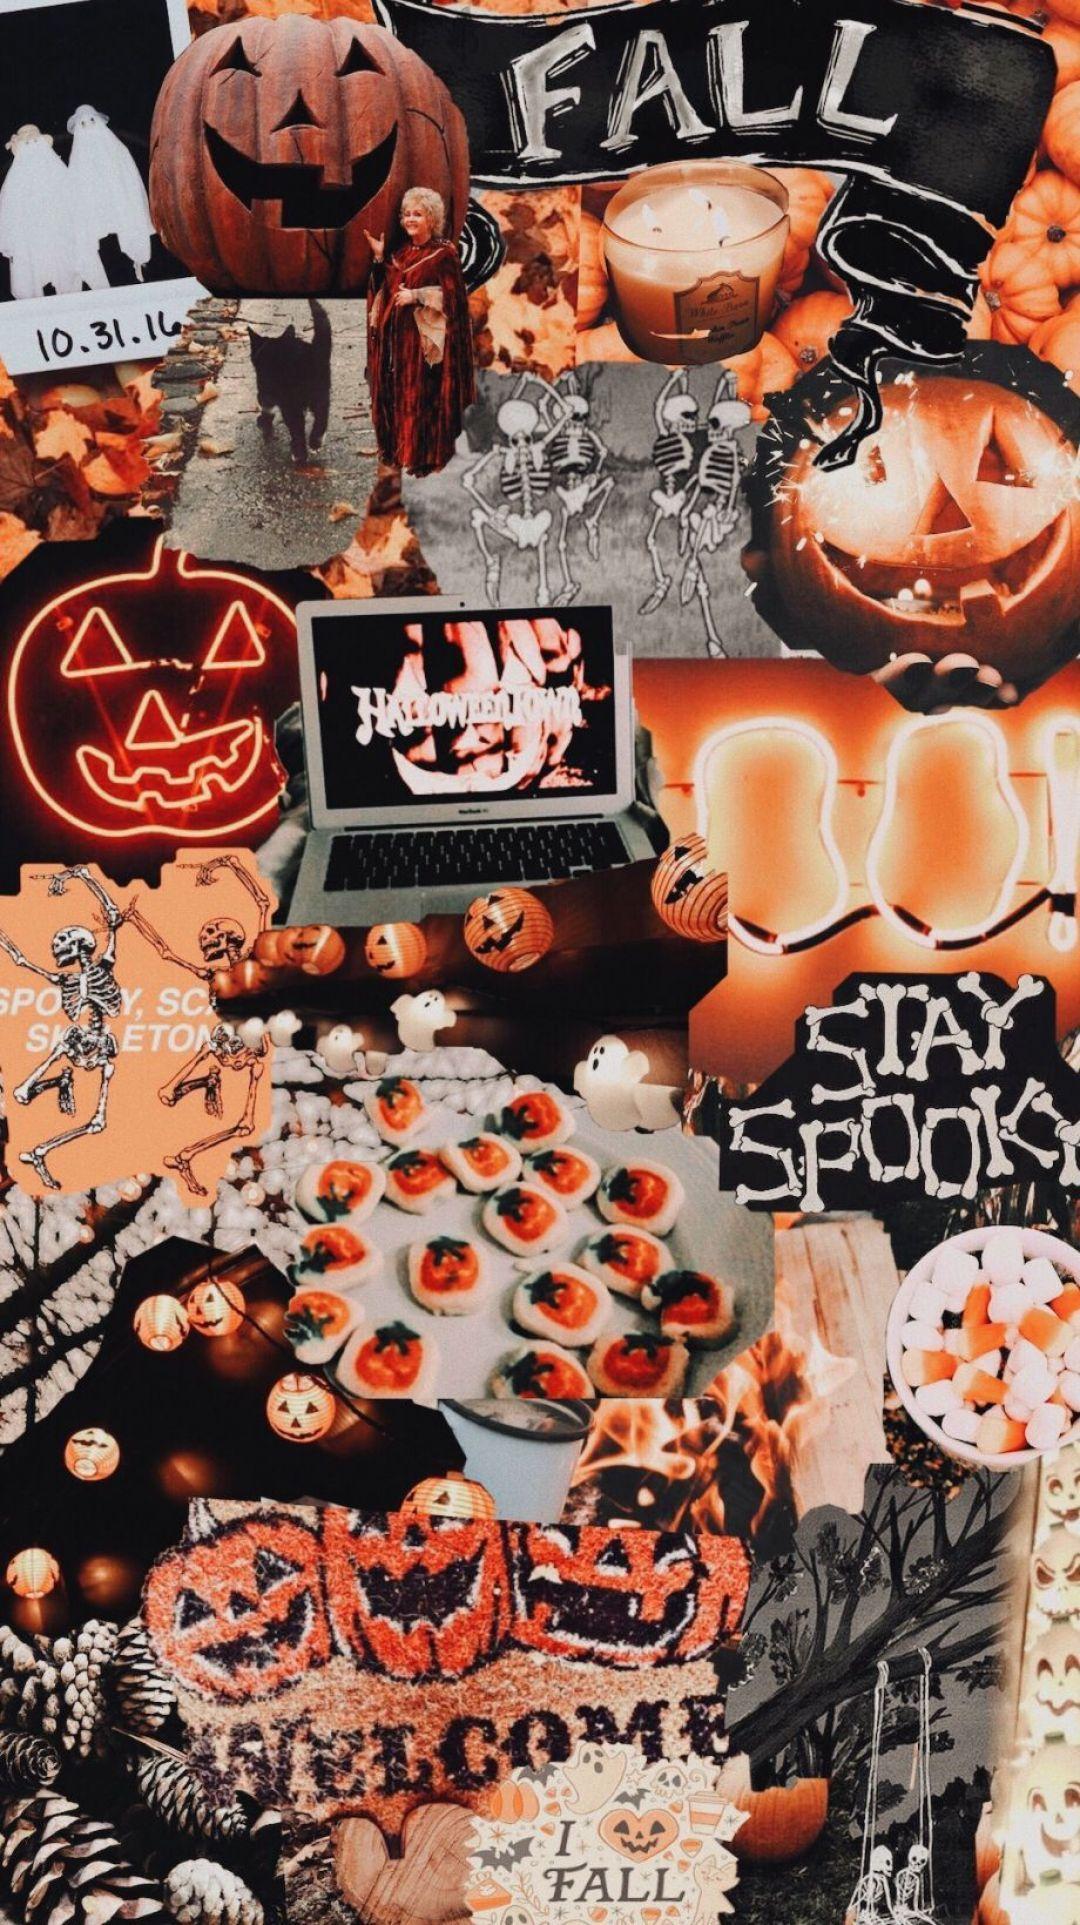 Aesthetic Pumpkin Android Iphone Desktop Hd Backgrounds Wallpapers 1080p 4k 1015 Halloween Wallpaper Iphone Iphone Wallpaper Fall Halloween Wallpaper